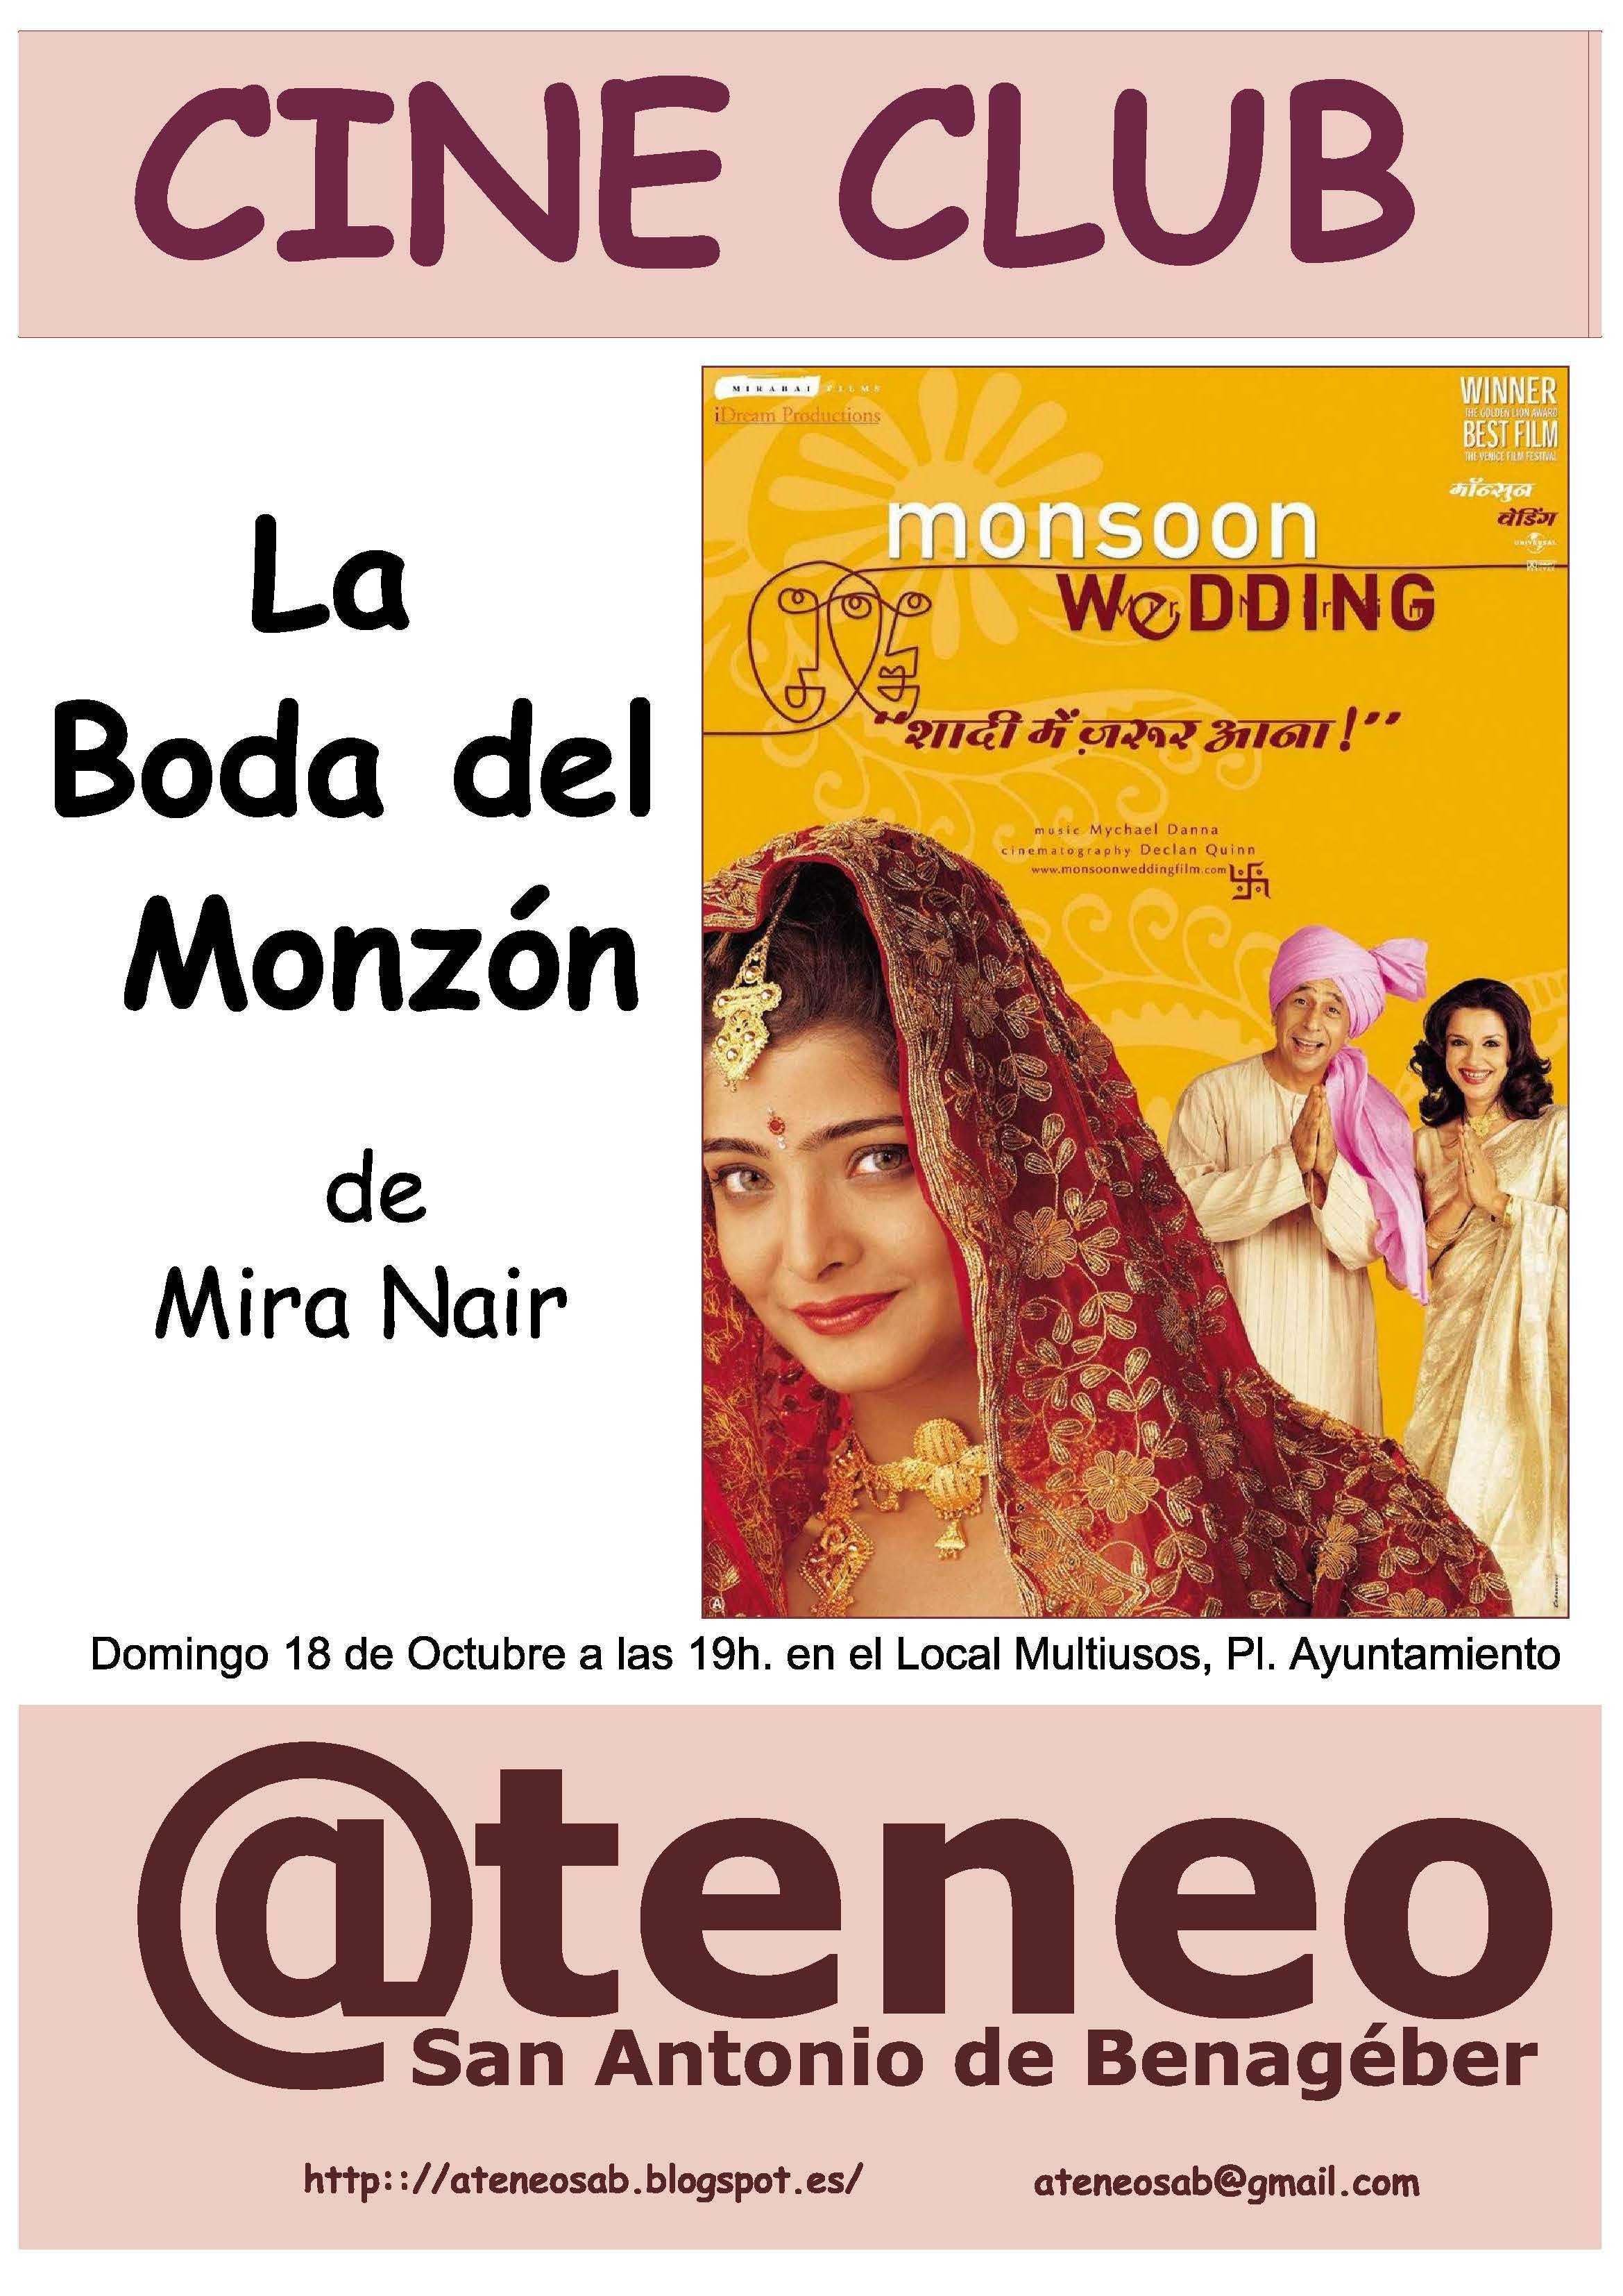 la boda del monz+¦n A3